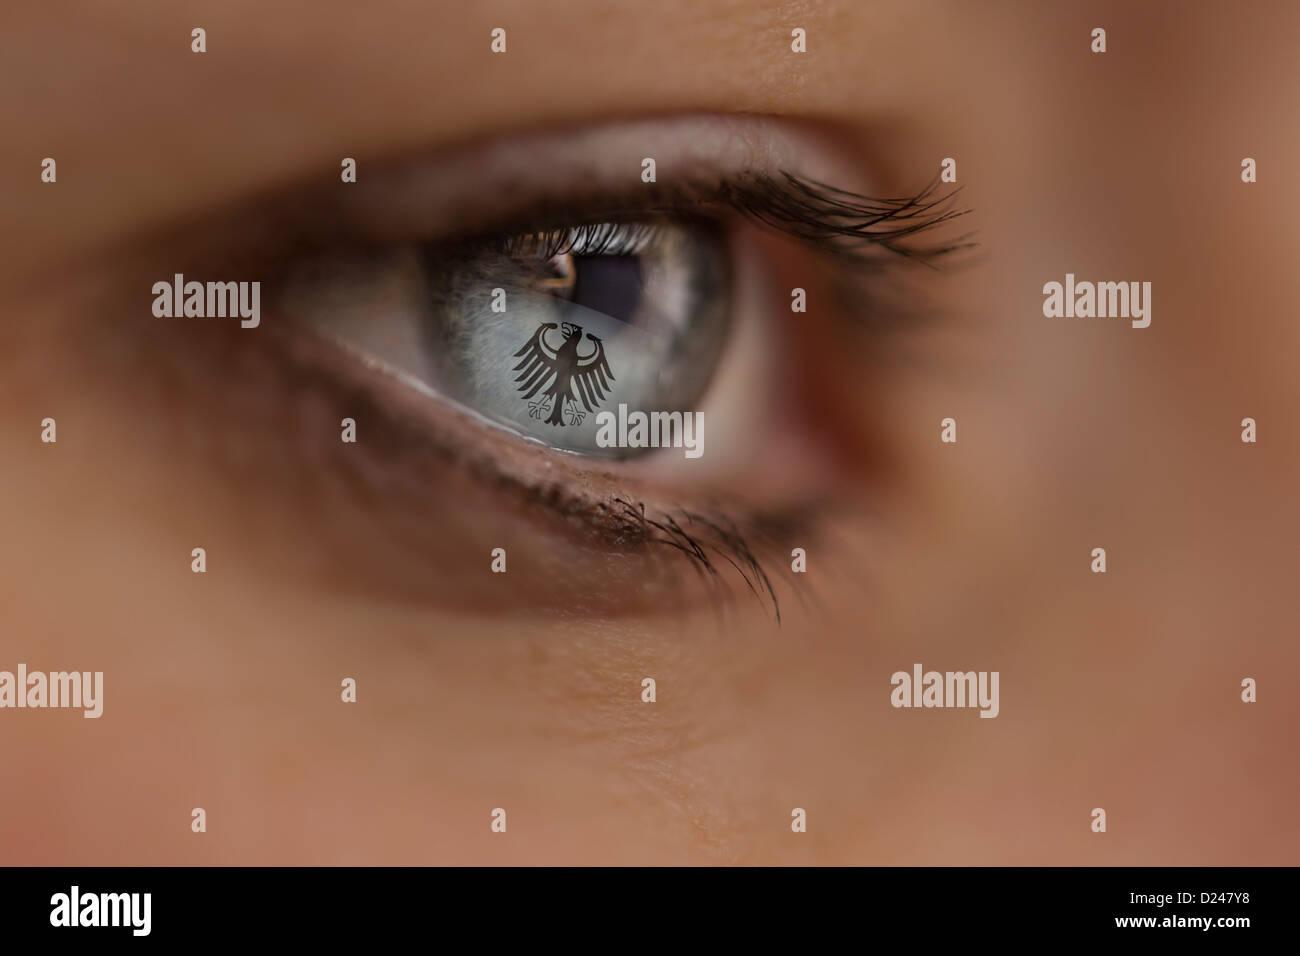 Donna che guarda al sito Internet con il tedesco aquila federale. Simbolo: intelligence service, servizio segreto, Immagini Stock